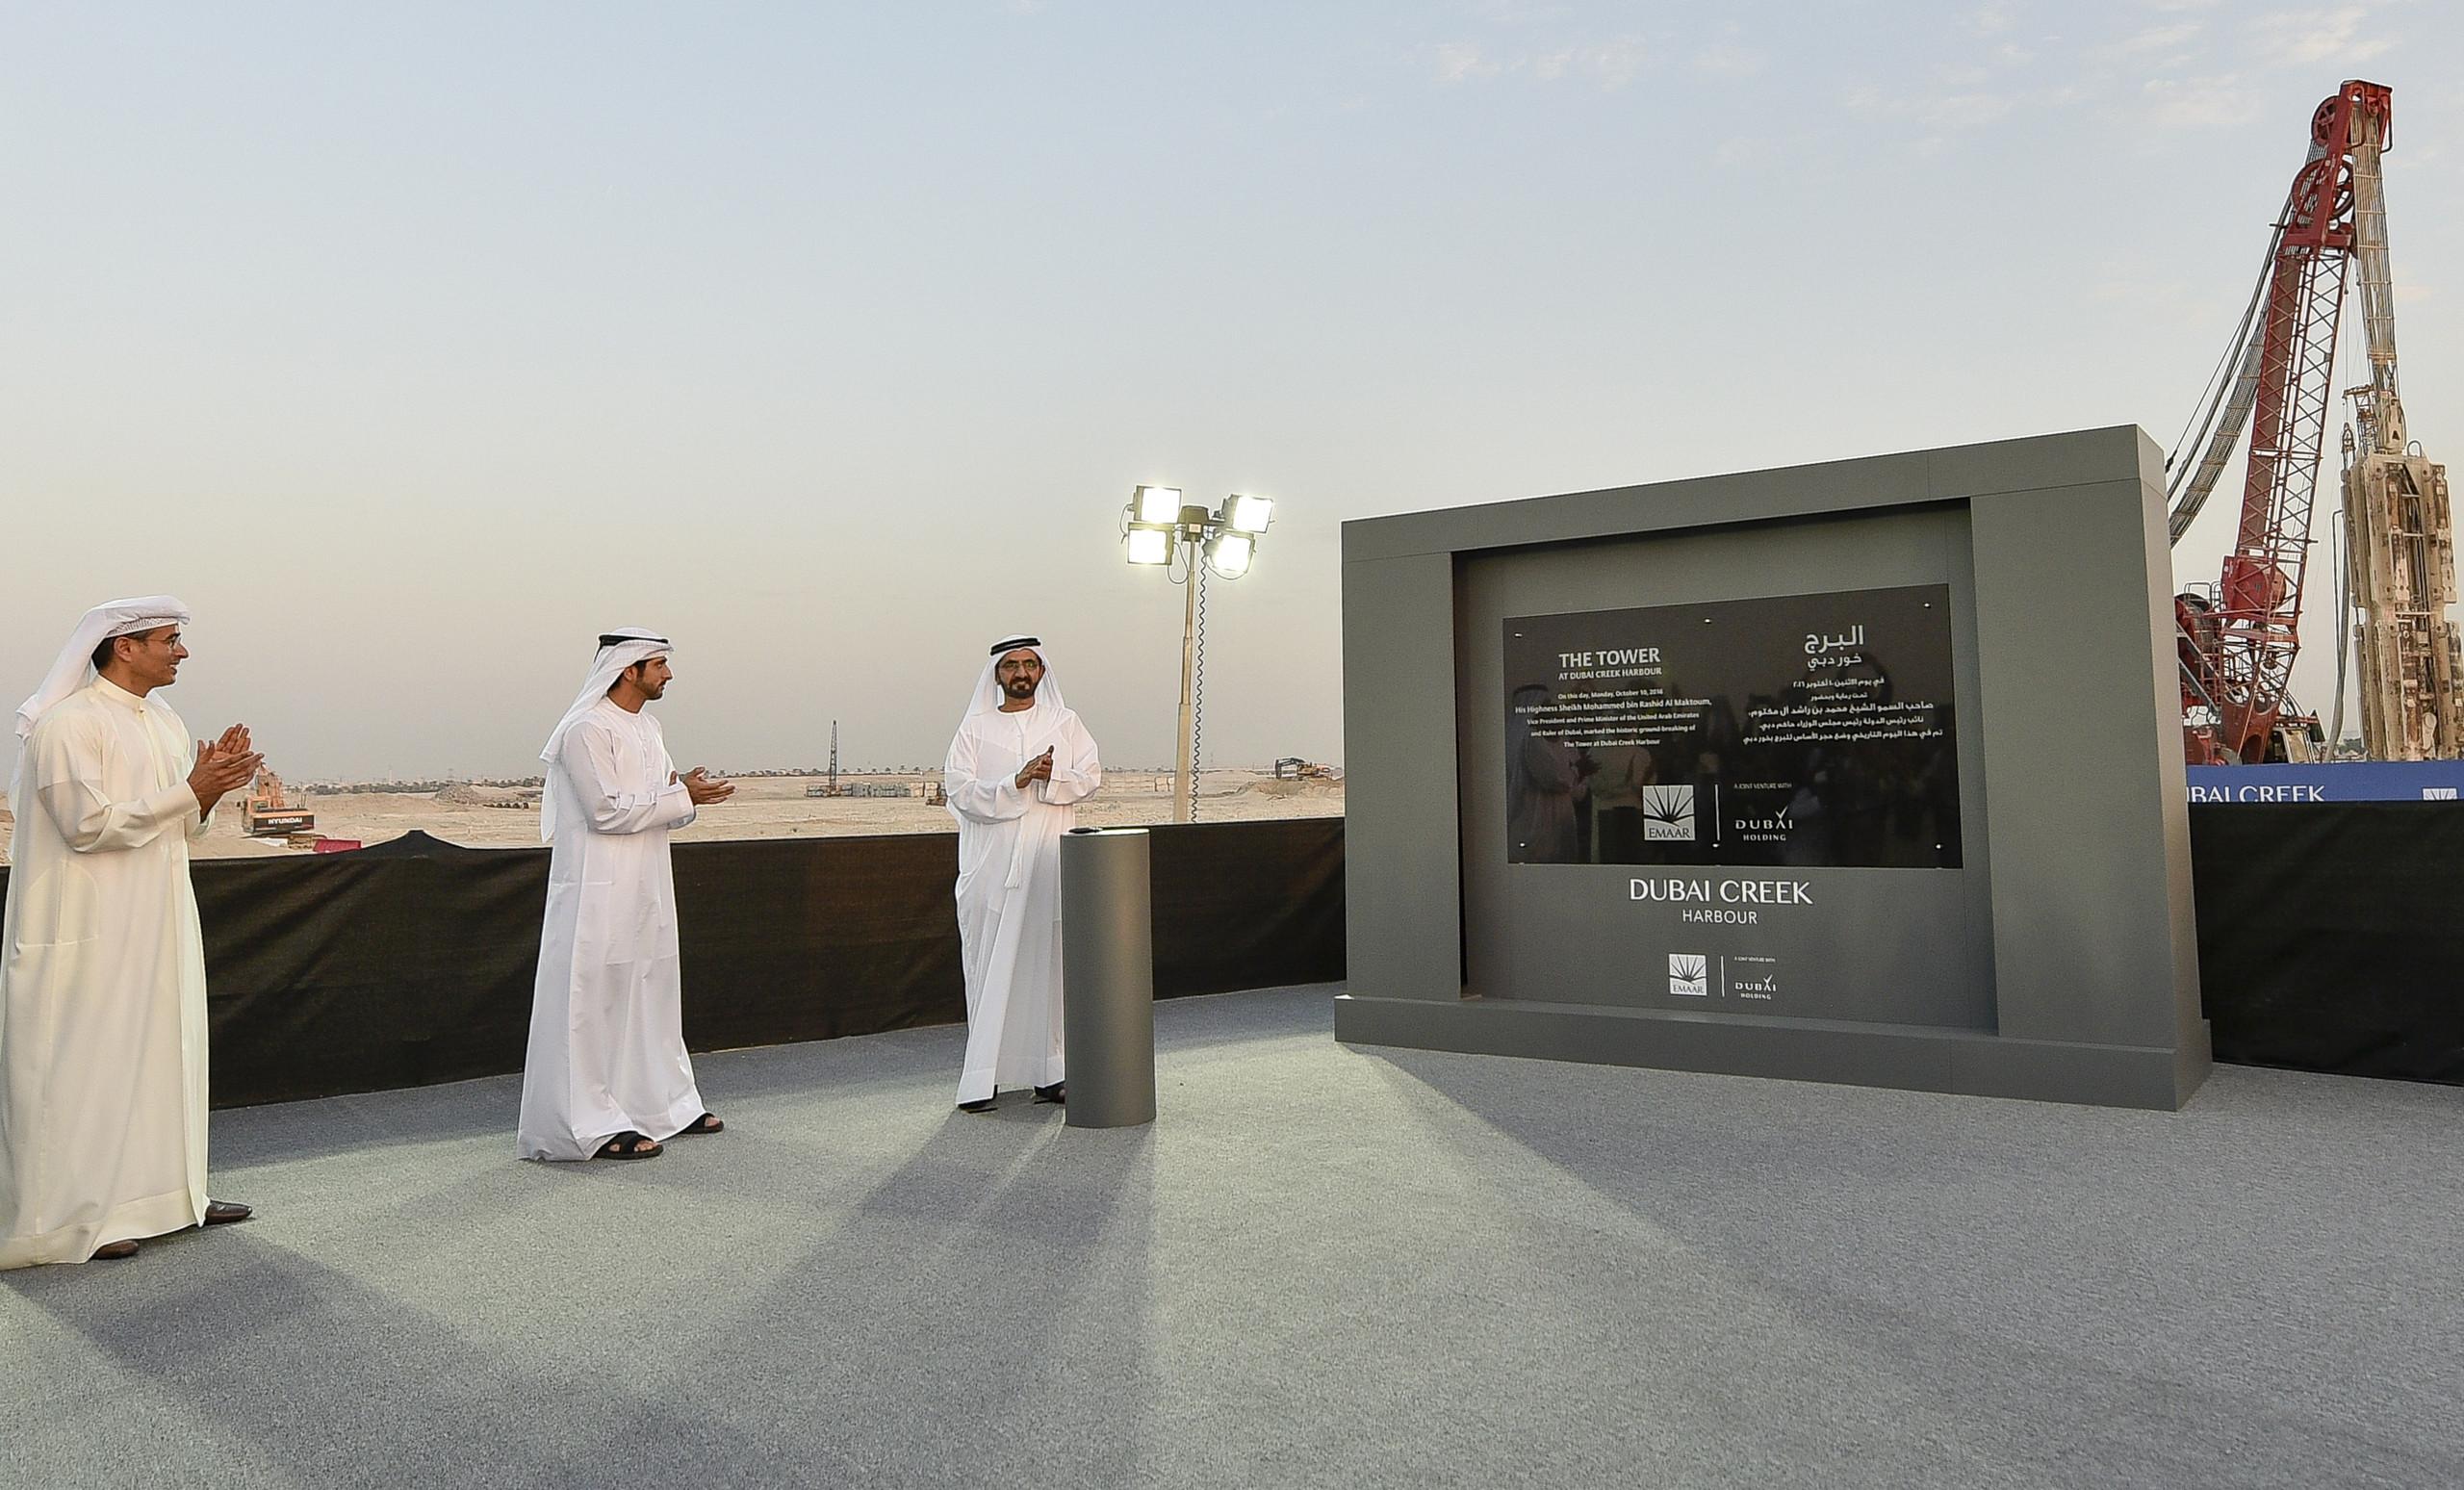 UAE-DUBAI-CONSTRUCTION-ARCHITECTURE